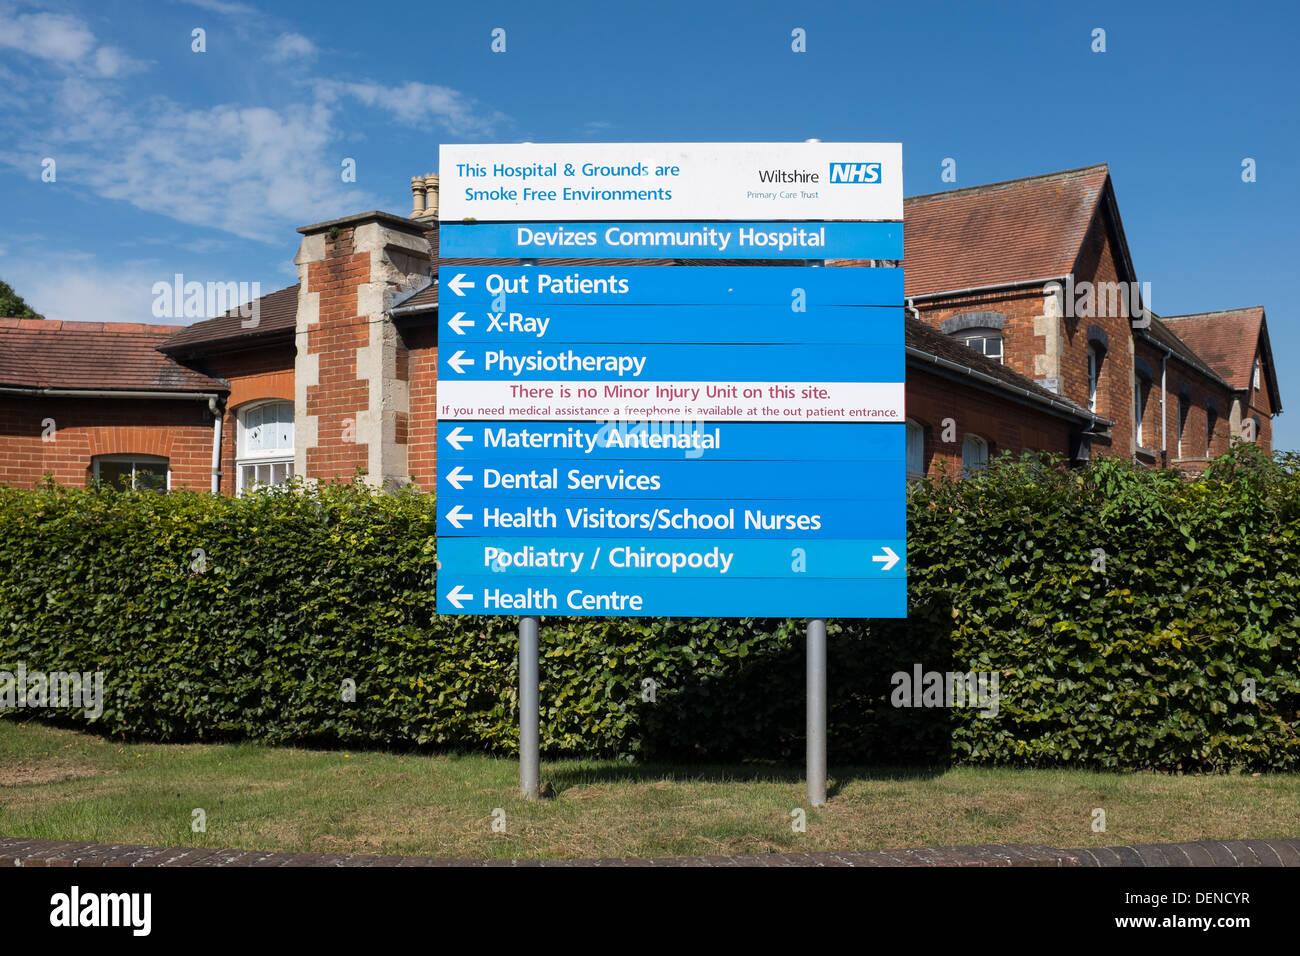 Devizes Community Hospital - Stock Image